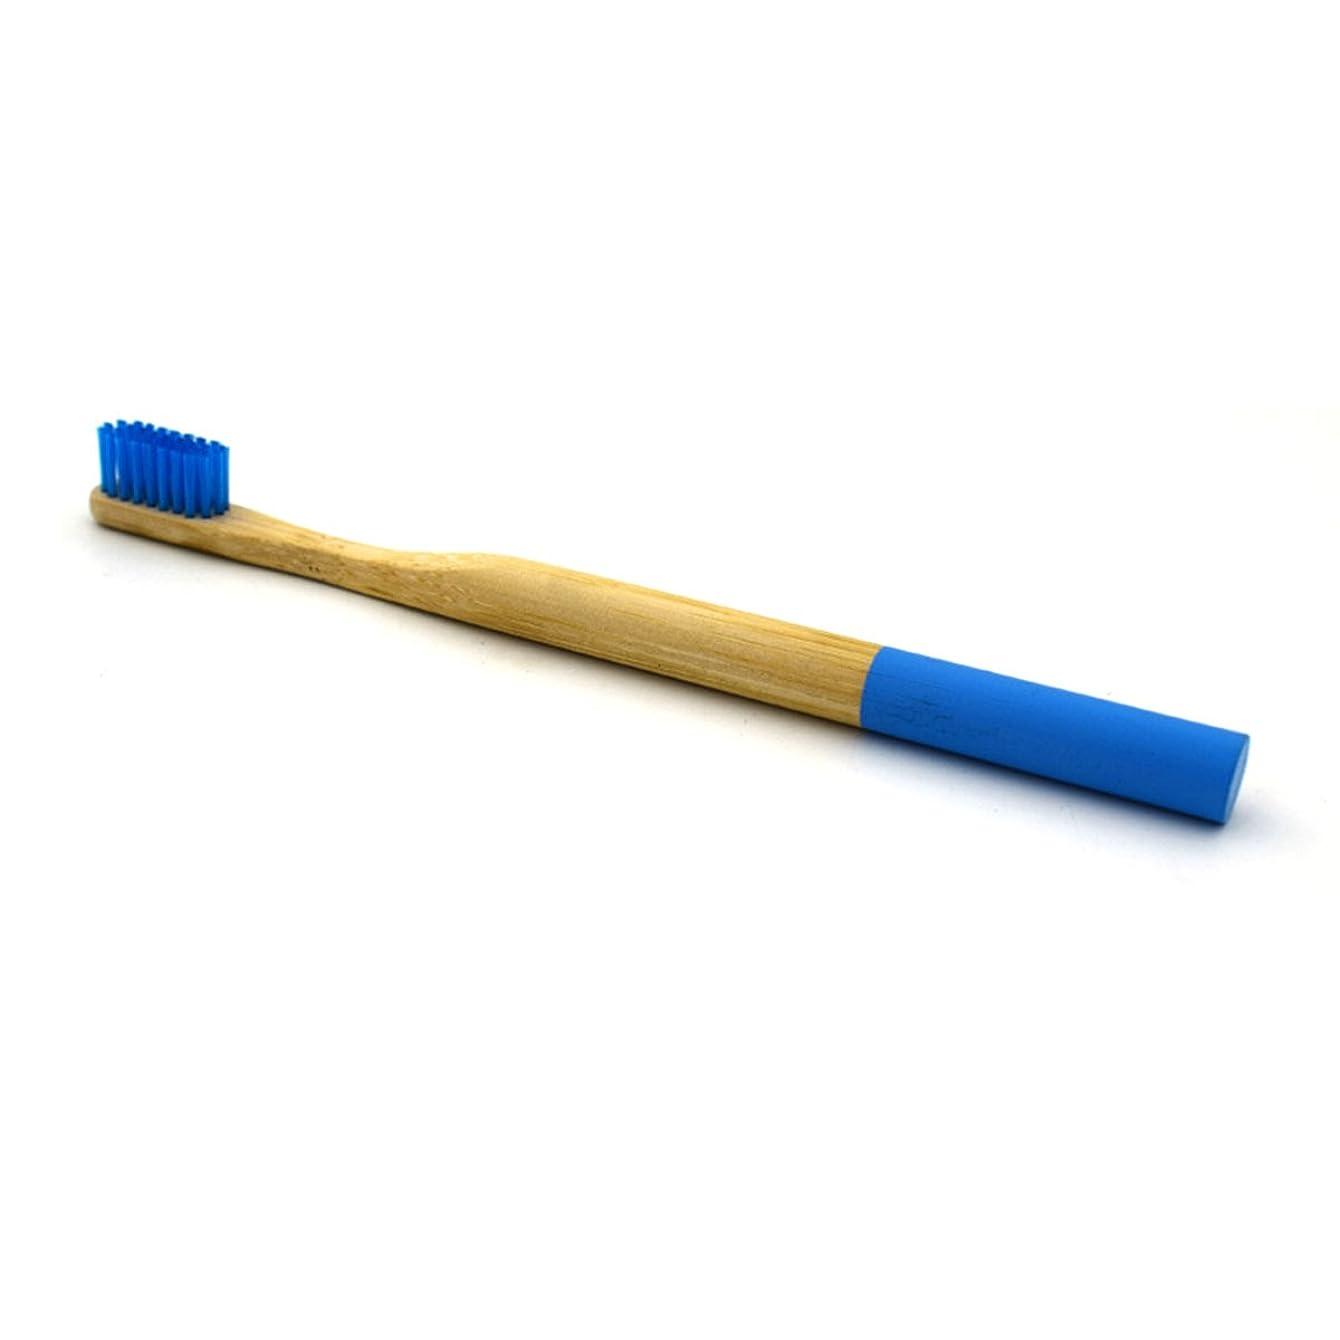 一致するナプキン尊敬HEALLILY竹製の歯ブラシ天然木炭竹製の歯ブラシ大人用柔らかい剛毛の歯ブラシ(ブルー)